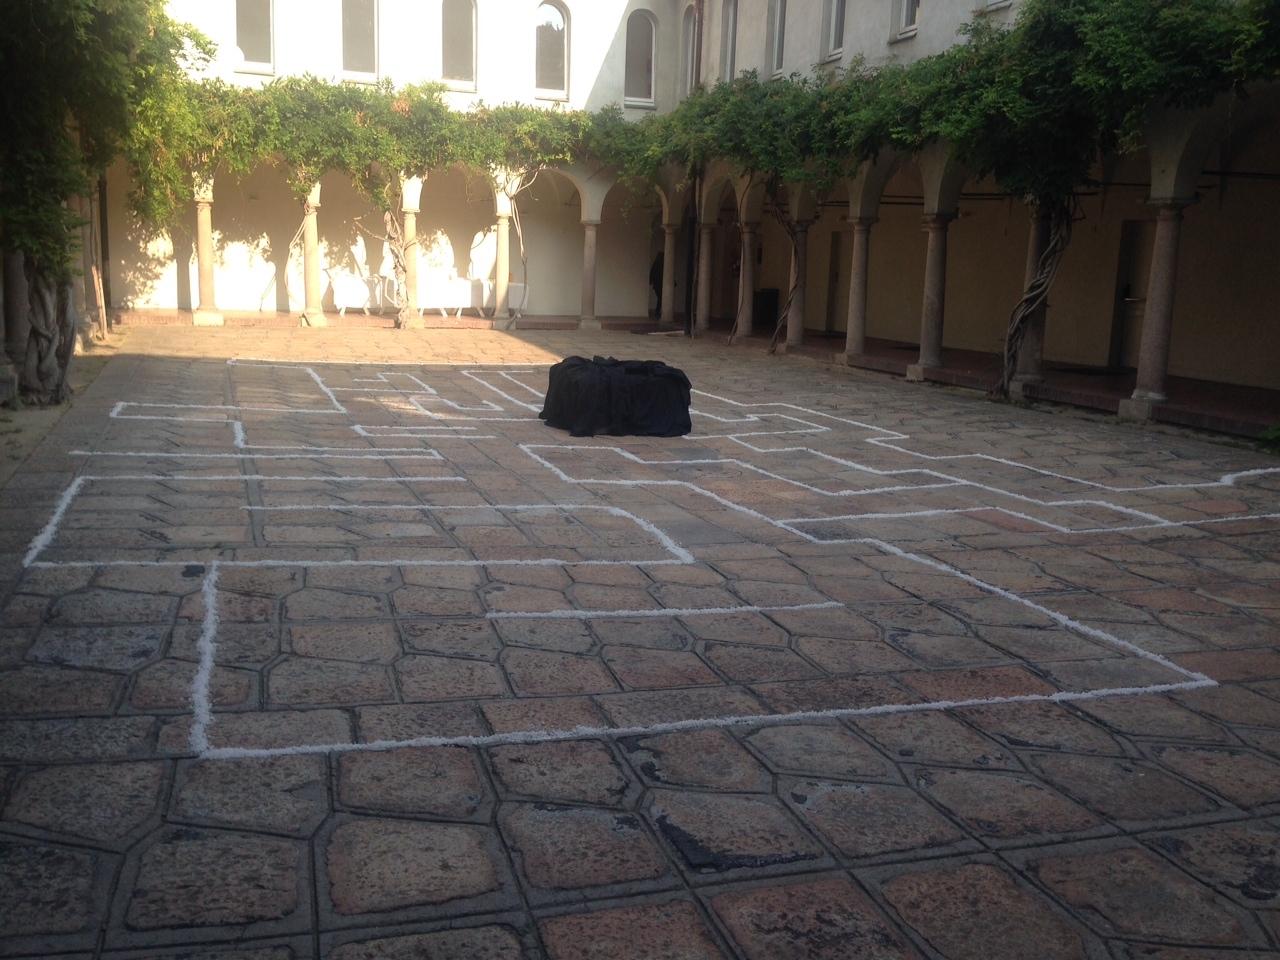 Tavola d'arte labirintica